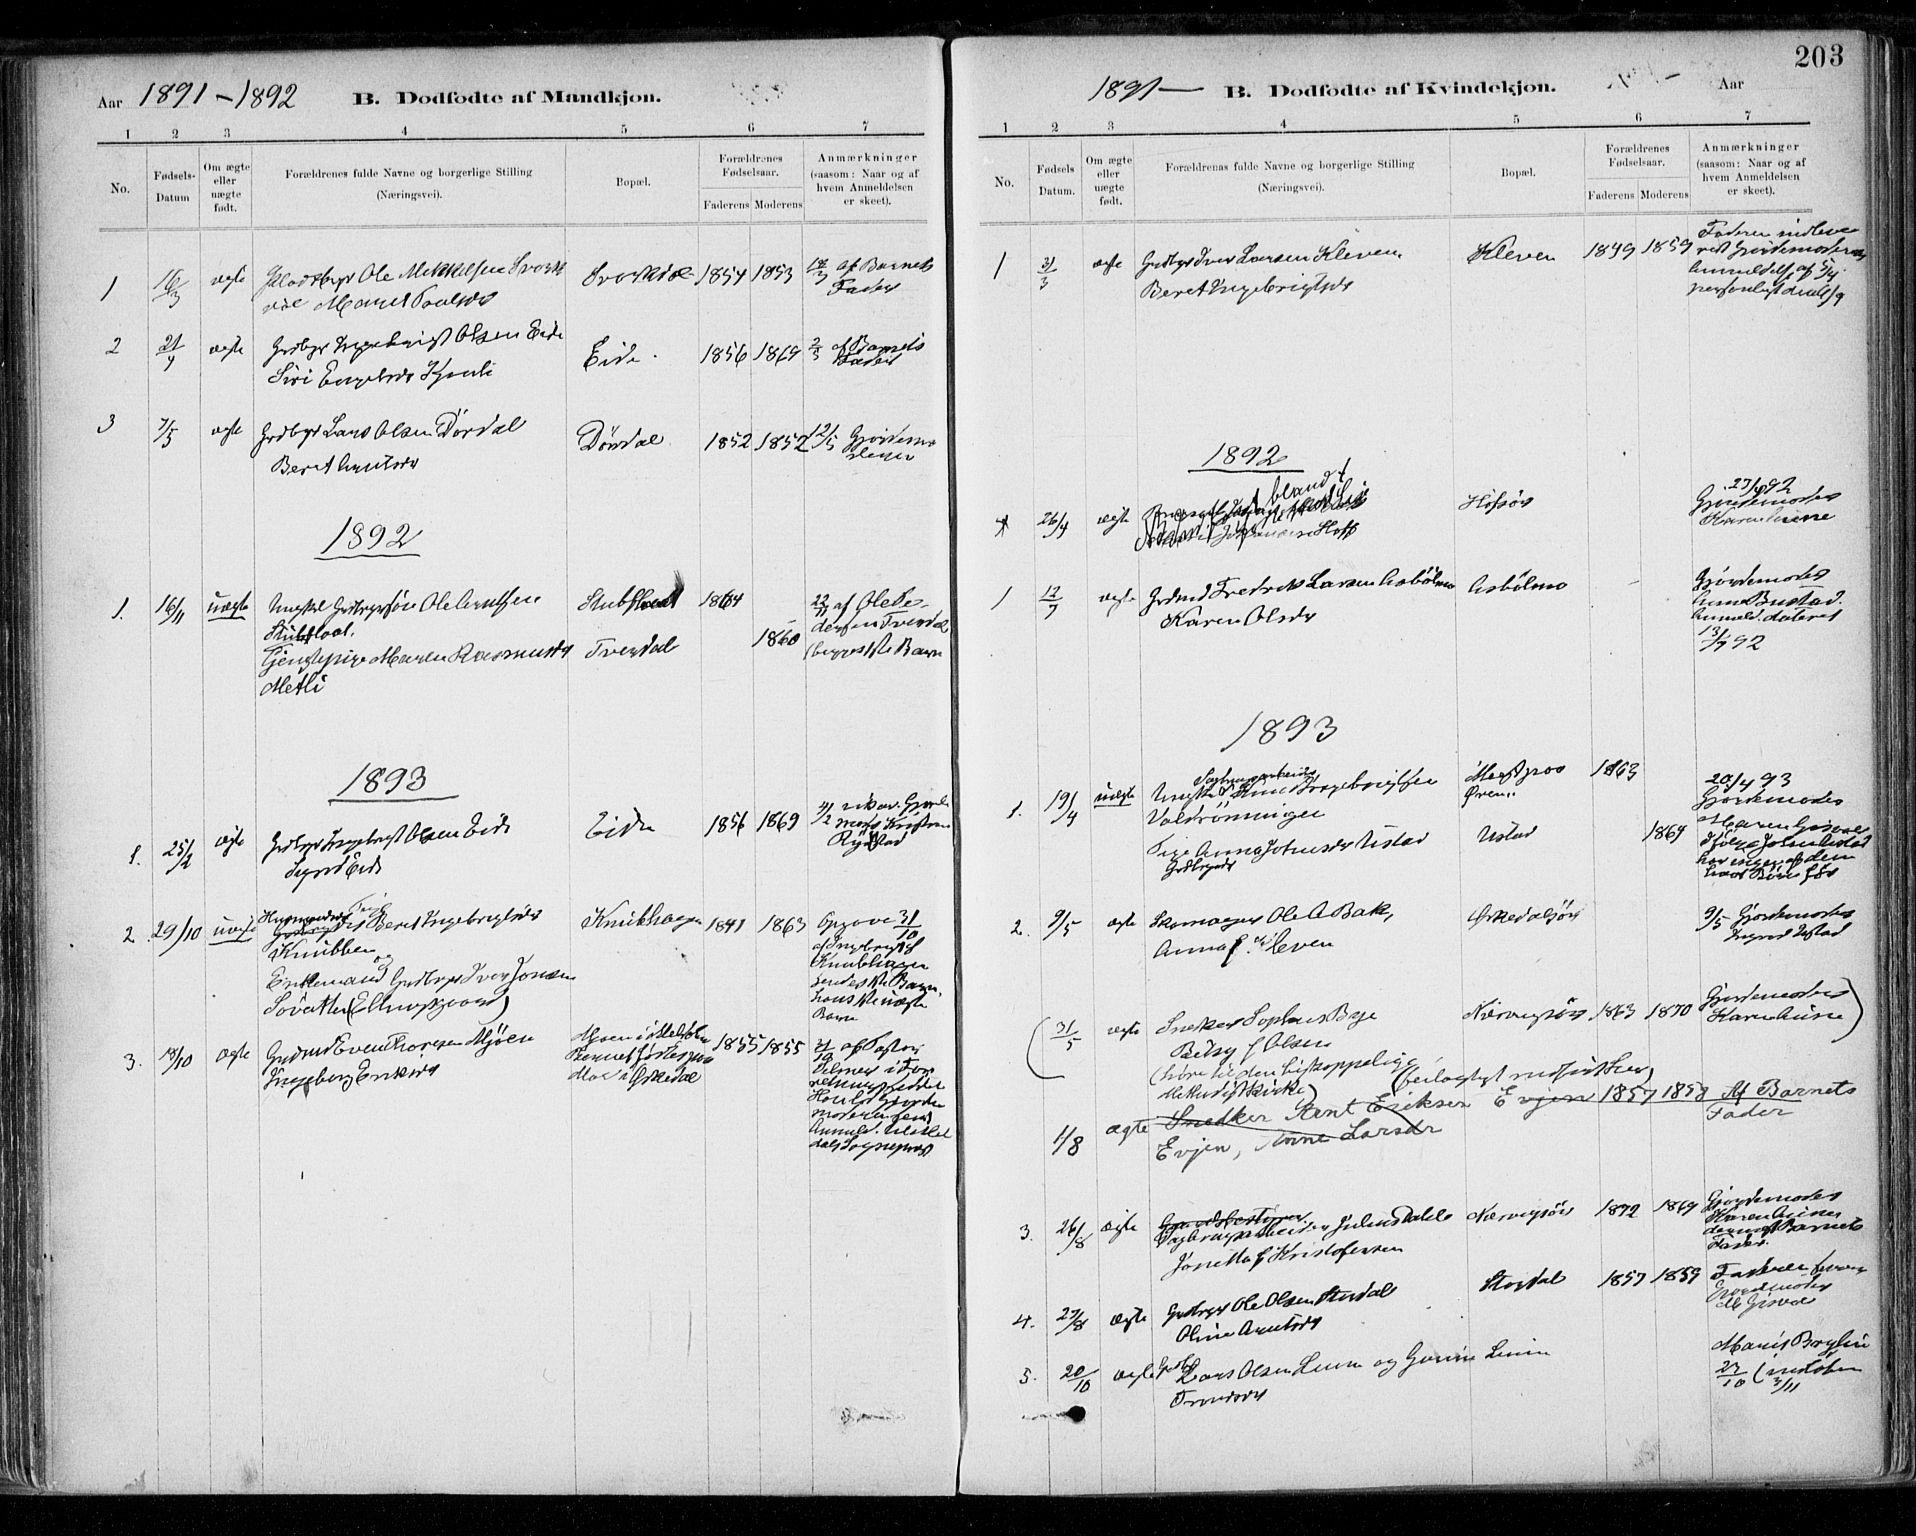 SAT, Ministerialprotokoller, klokkerbøker og fødselsregistre - Sør-Trøndelag, 668/L0809: Ministerialbok nr. 668A09, 1881-1895, s. 203